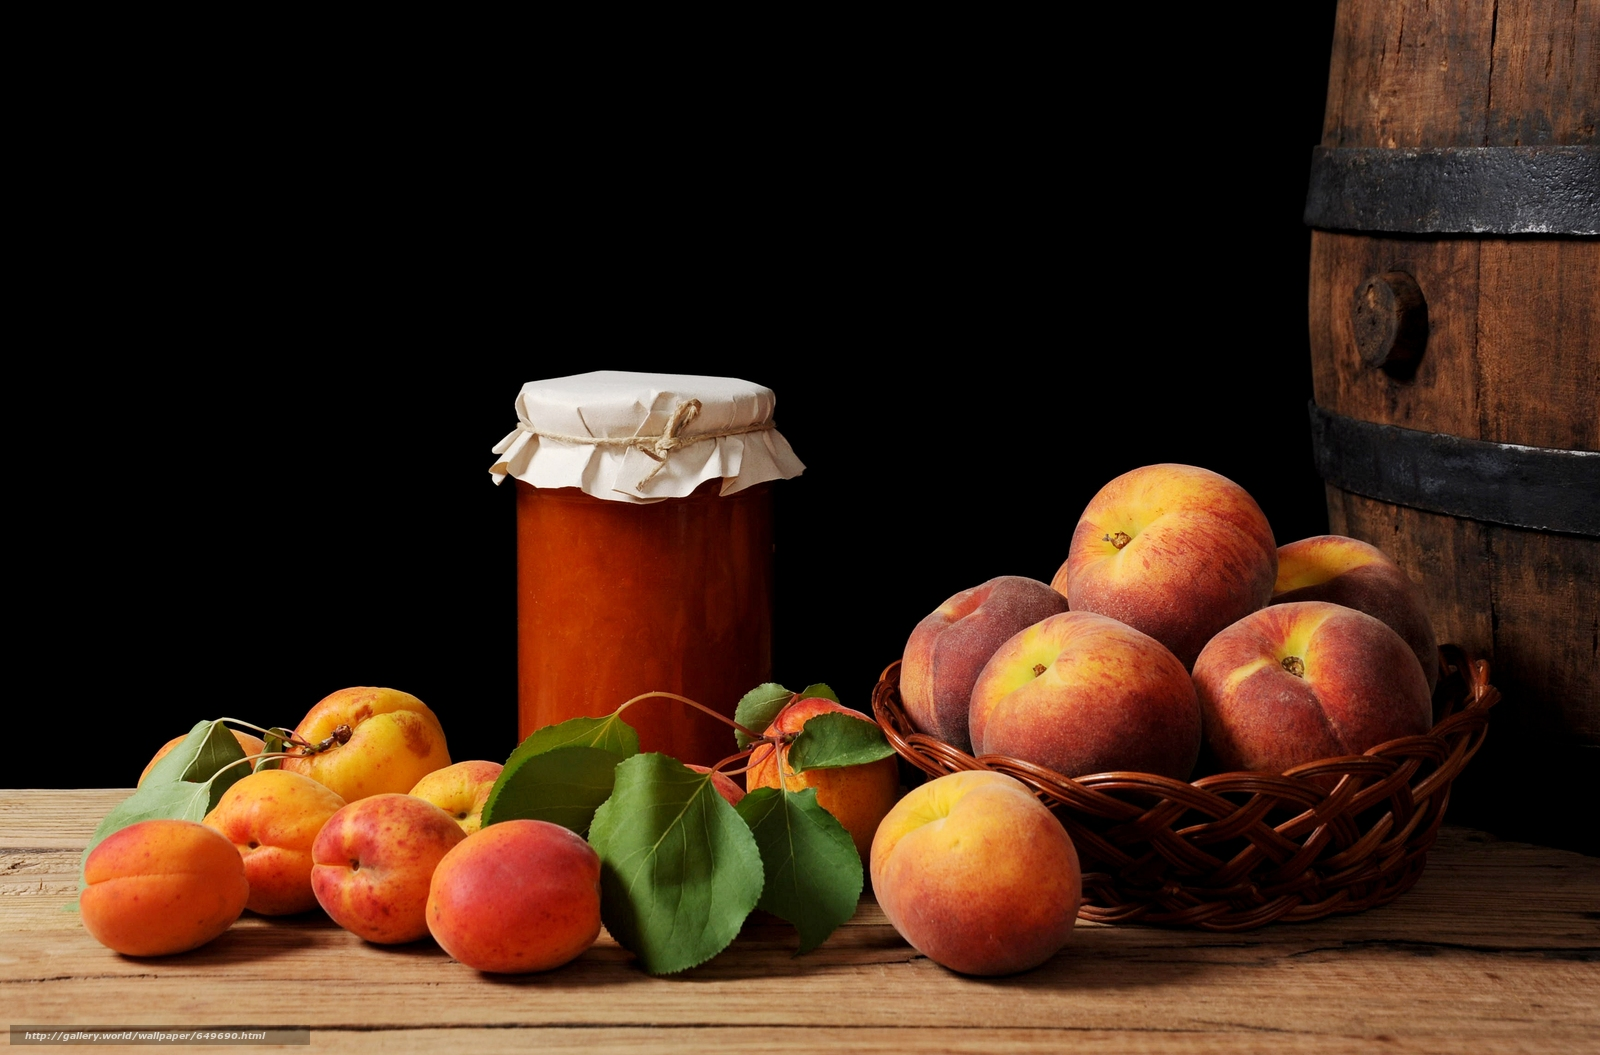 Скачать обои натюрморт,  еда,  фрукты,  персики бесплатно для рабочего стола в разрешении 6520x4300 — картинка №649690